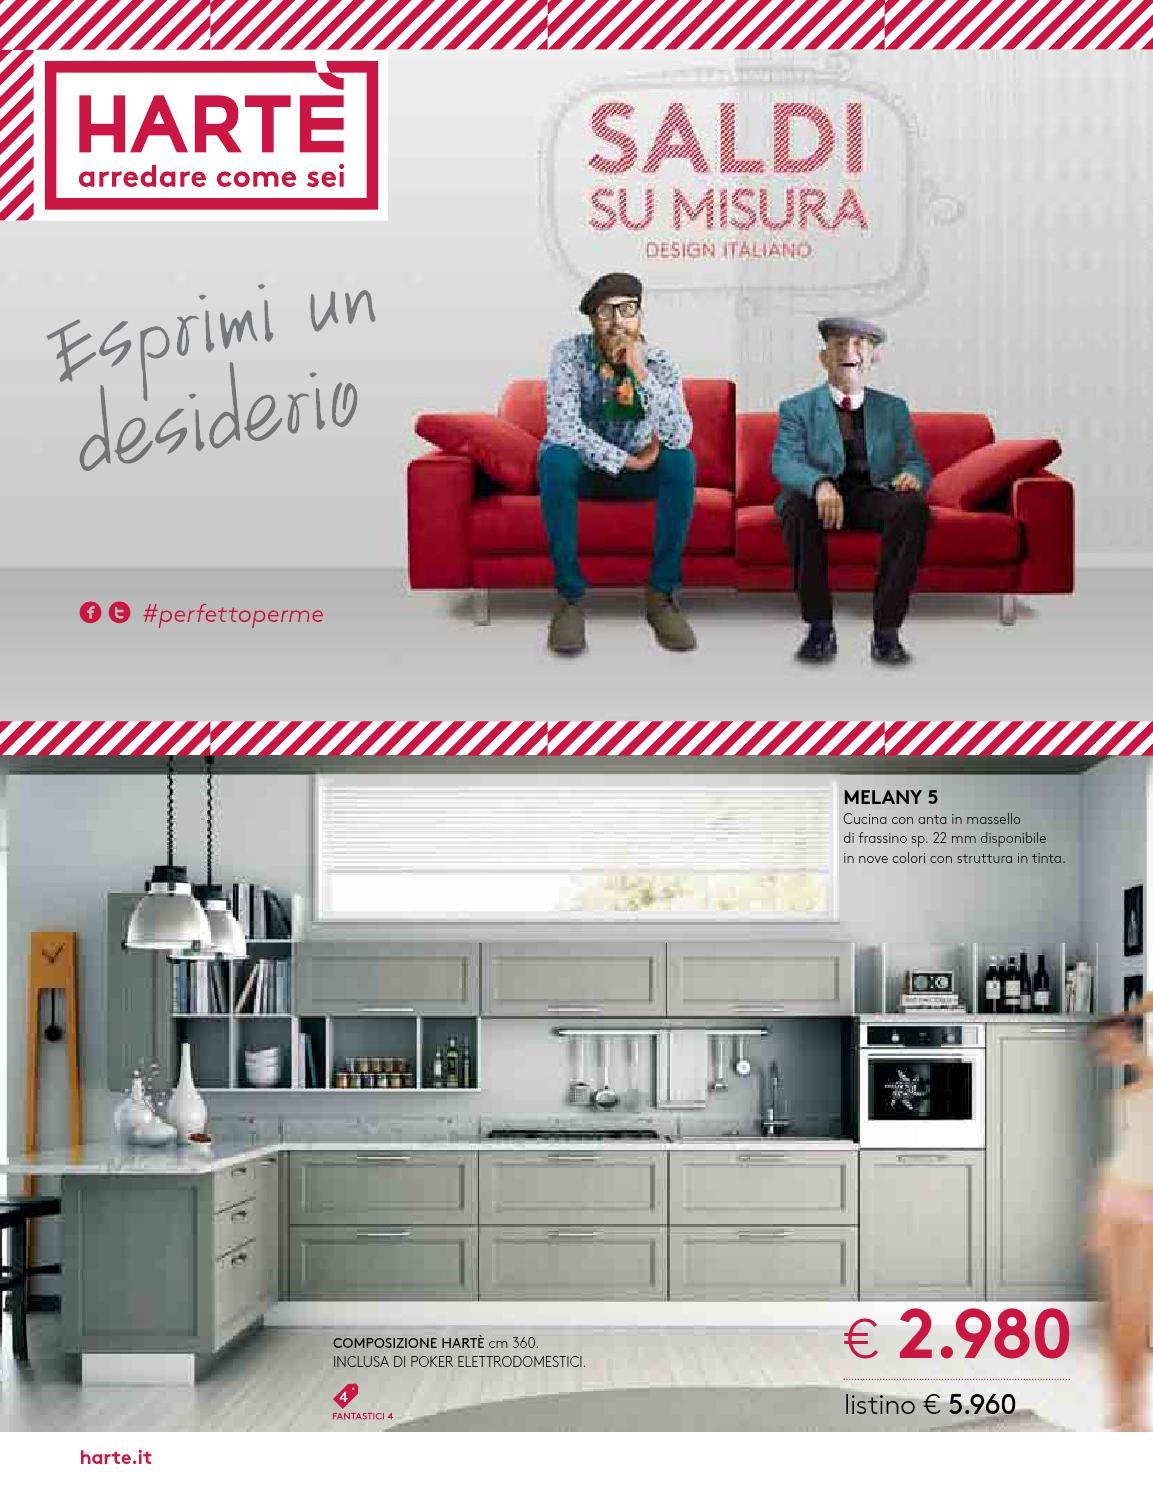 Harte saldi 2015 by mobilpro issuu for Harte arredamenti